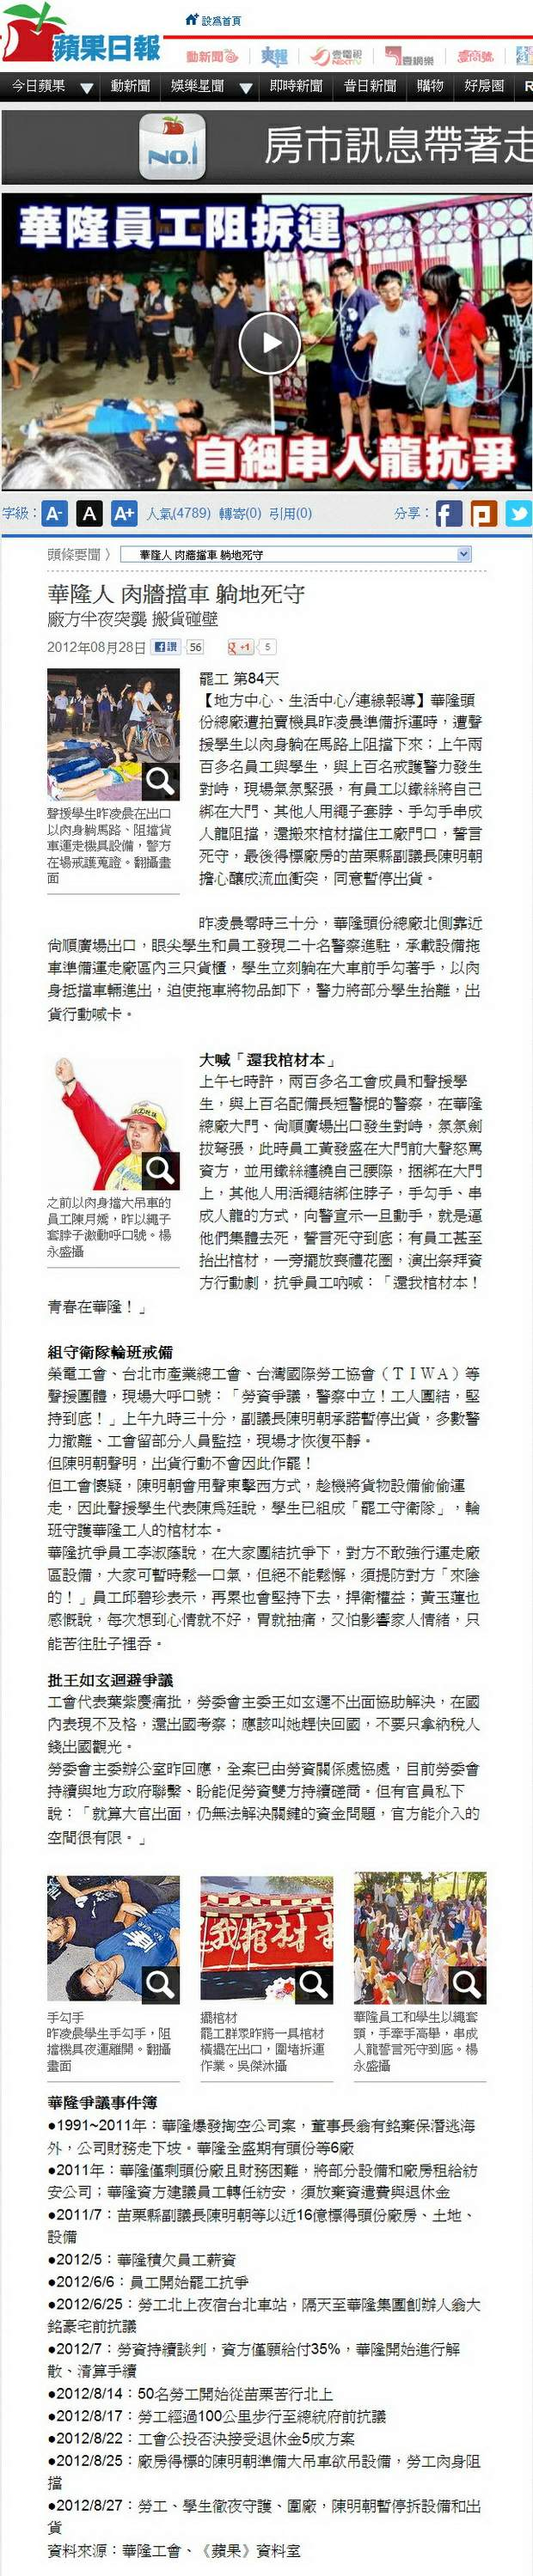 華隆人 肉牆擋車 躺地死守-2012.08.28-01